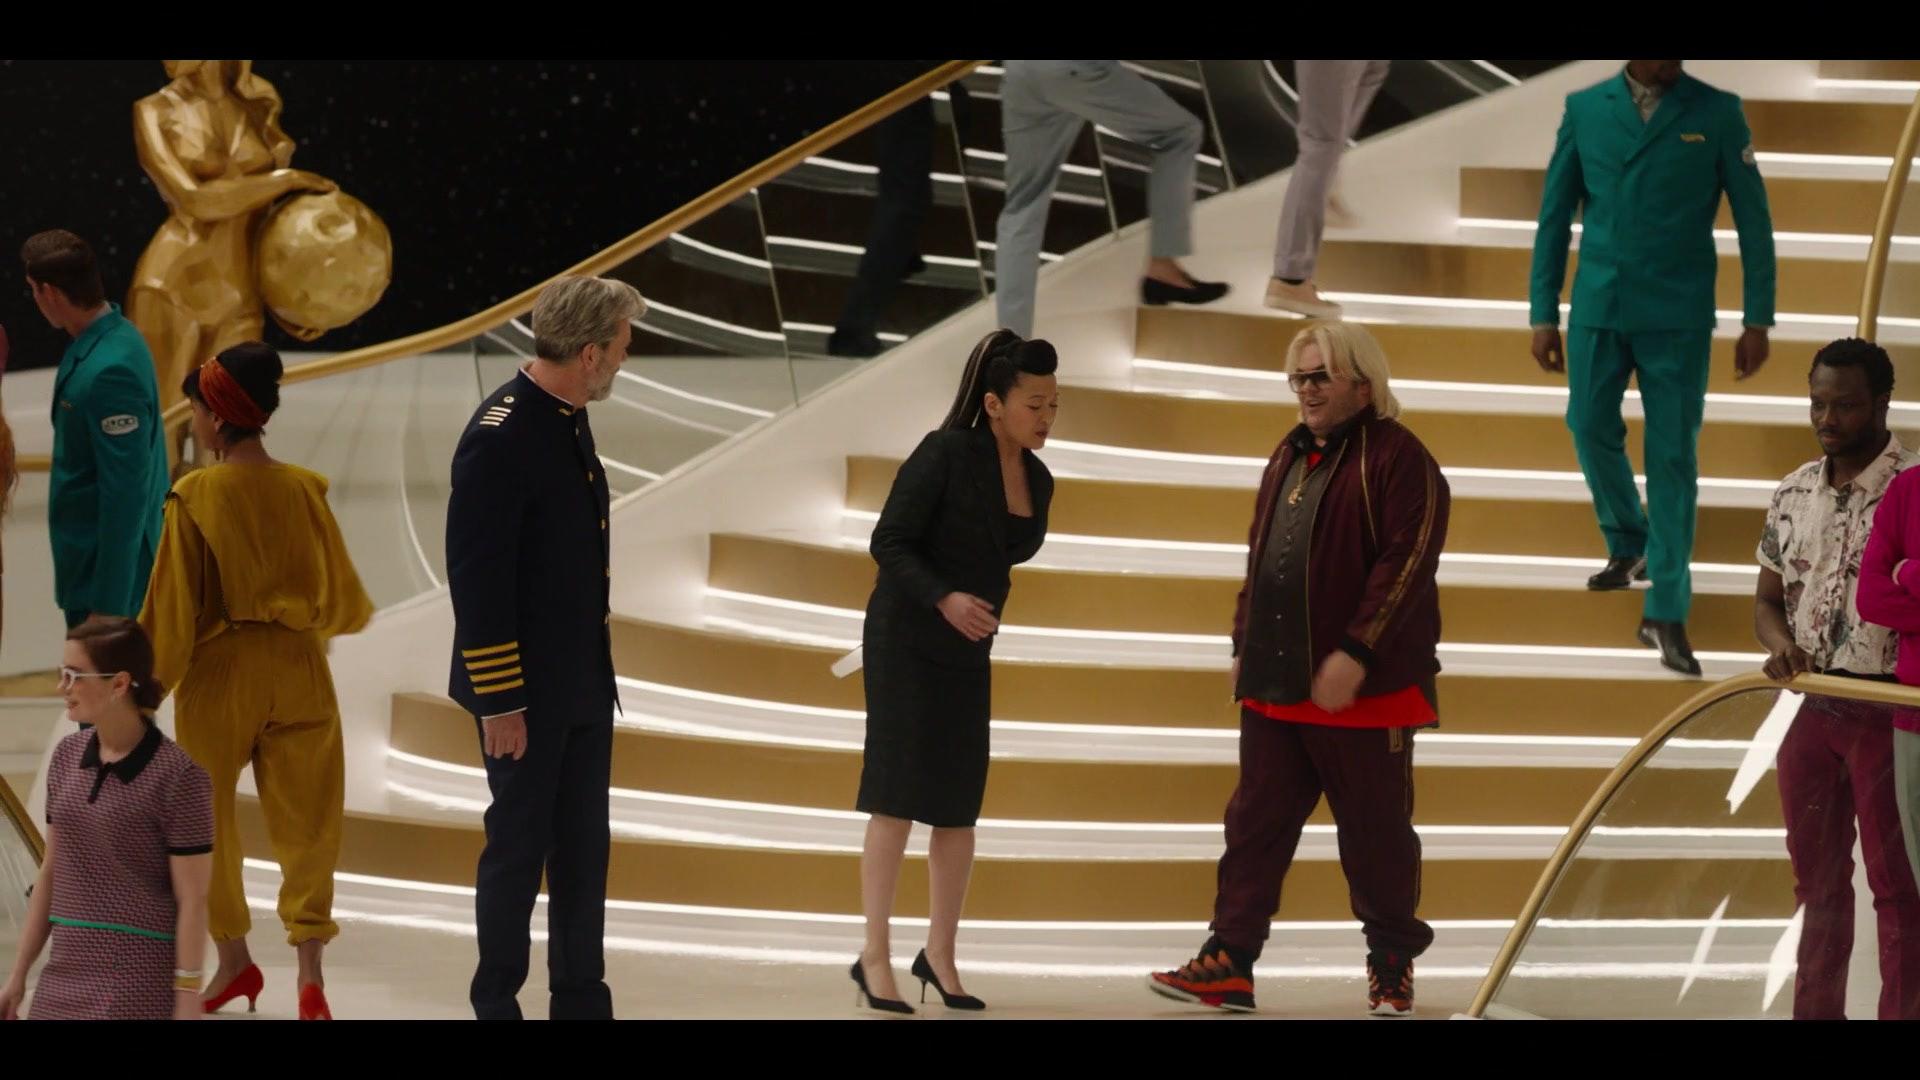 Louis-Vuitton-Sneakers-Worn-by-Josh-Gad-as-Herman-Judd-in-Avenue-5-Season-1-Episode-1-I-Was-Flying-1